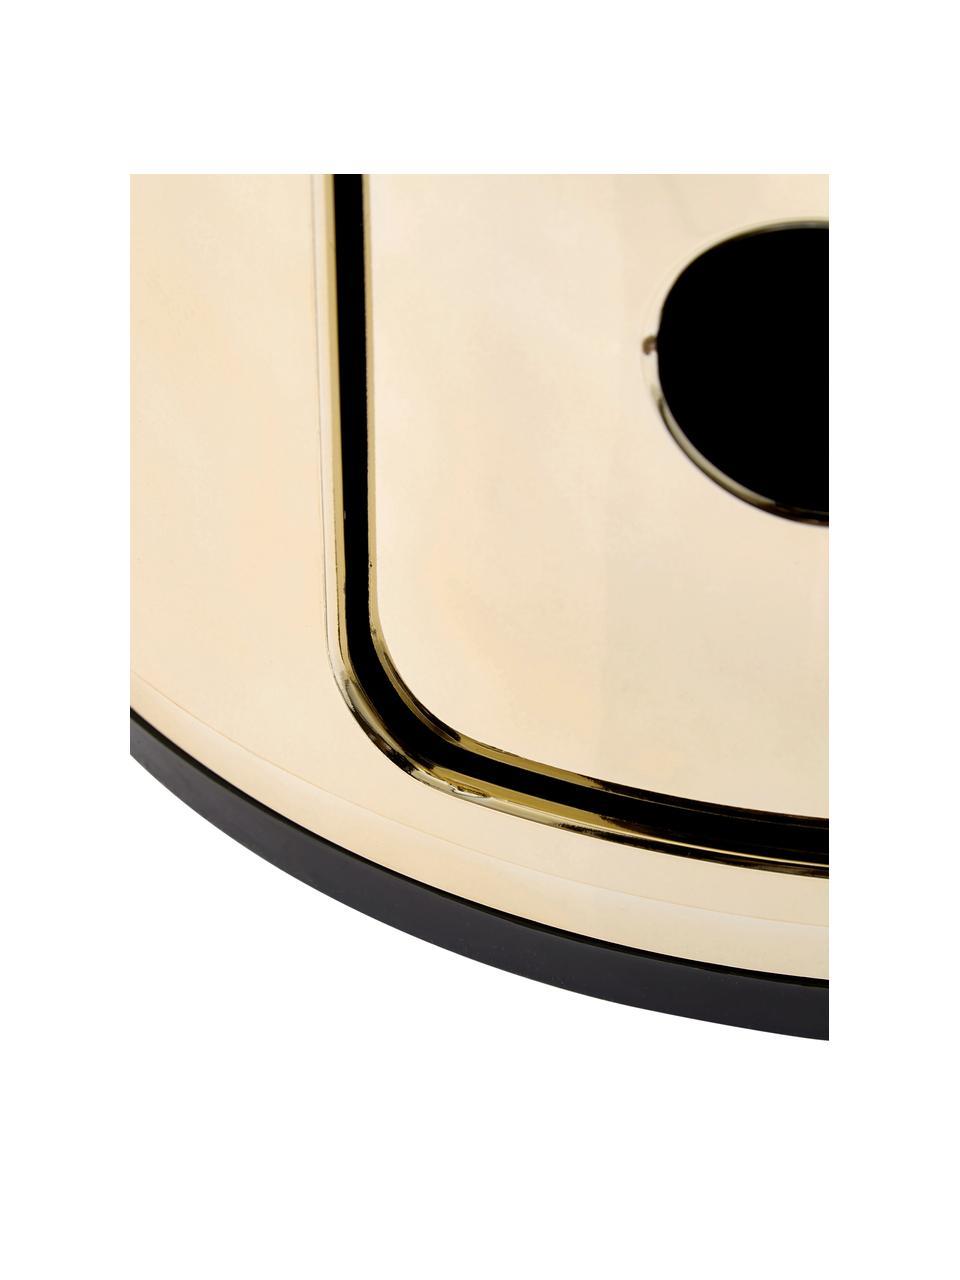 Table d'appoint design 3 compartiments Componibili, Couleur cuivrée